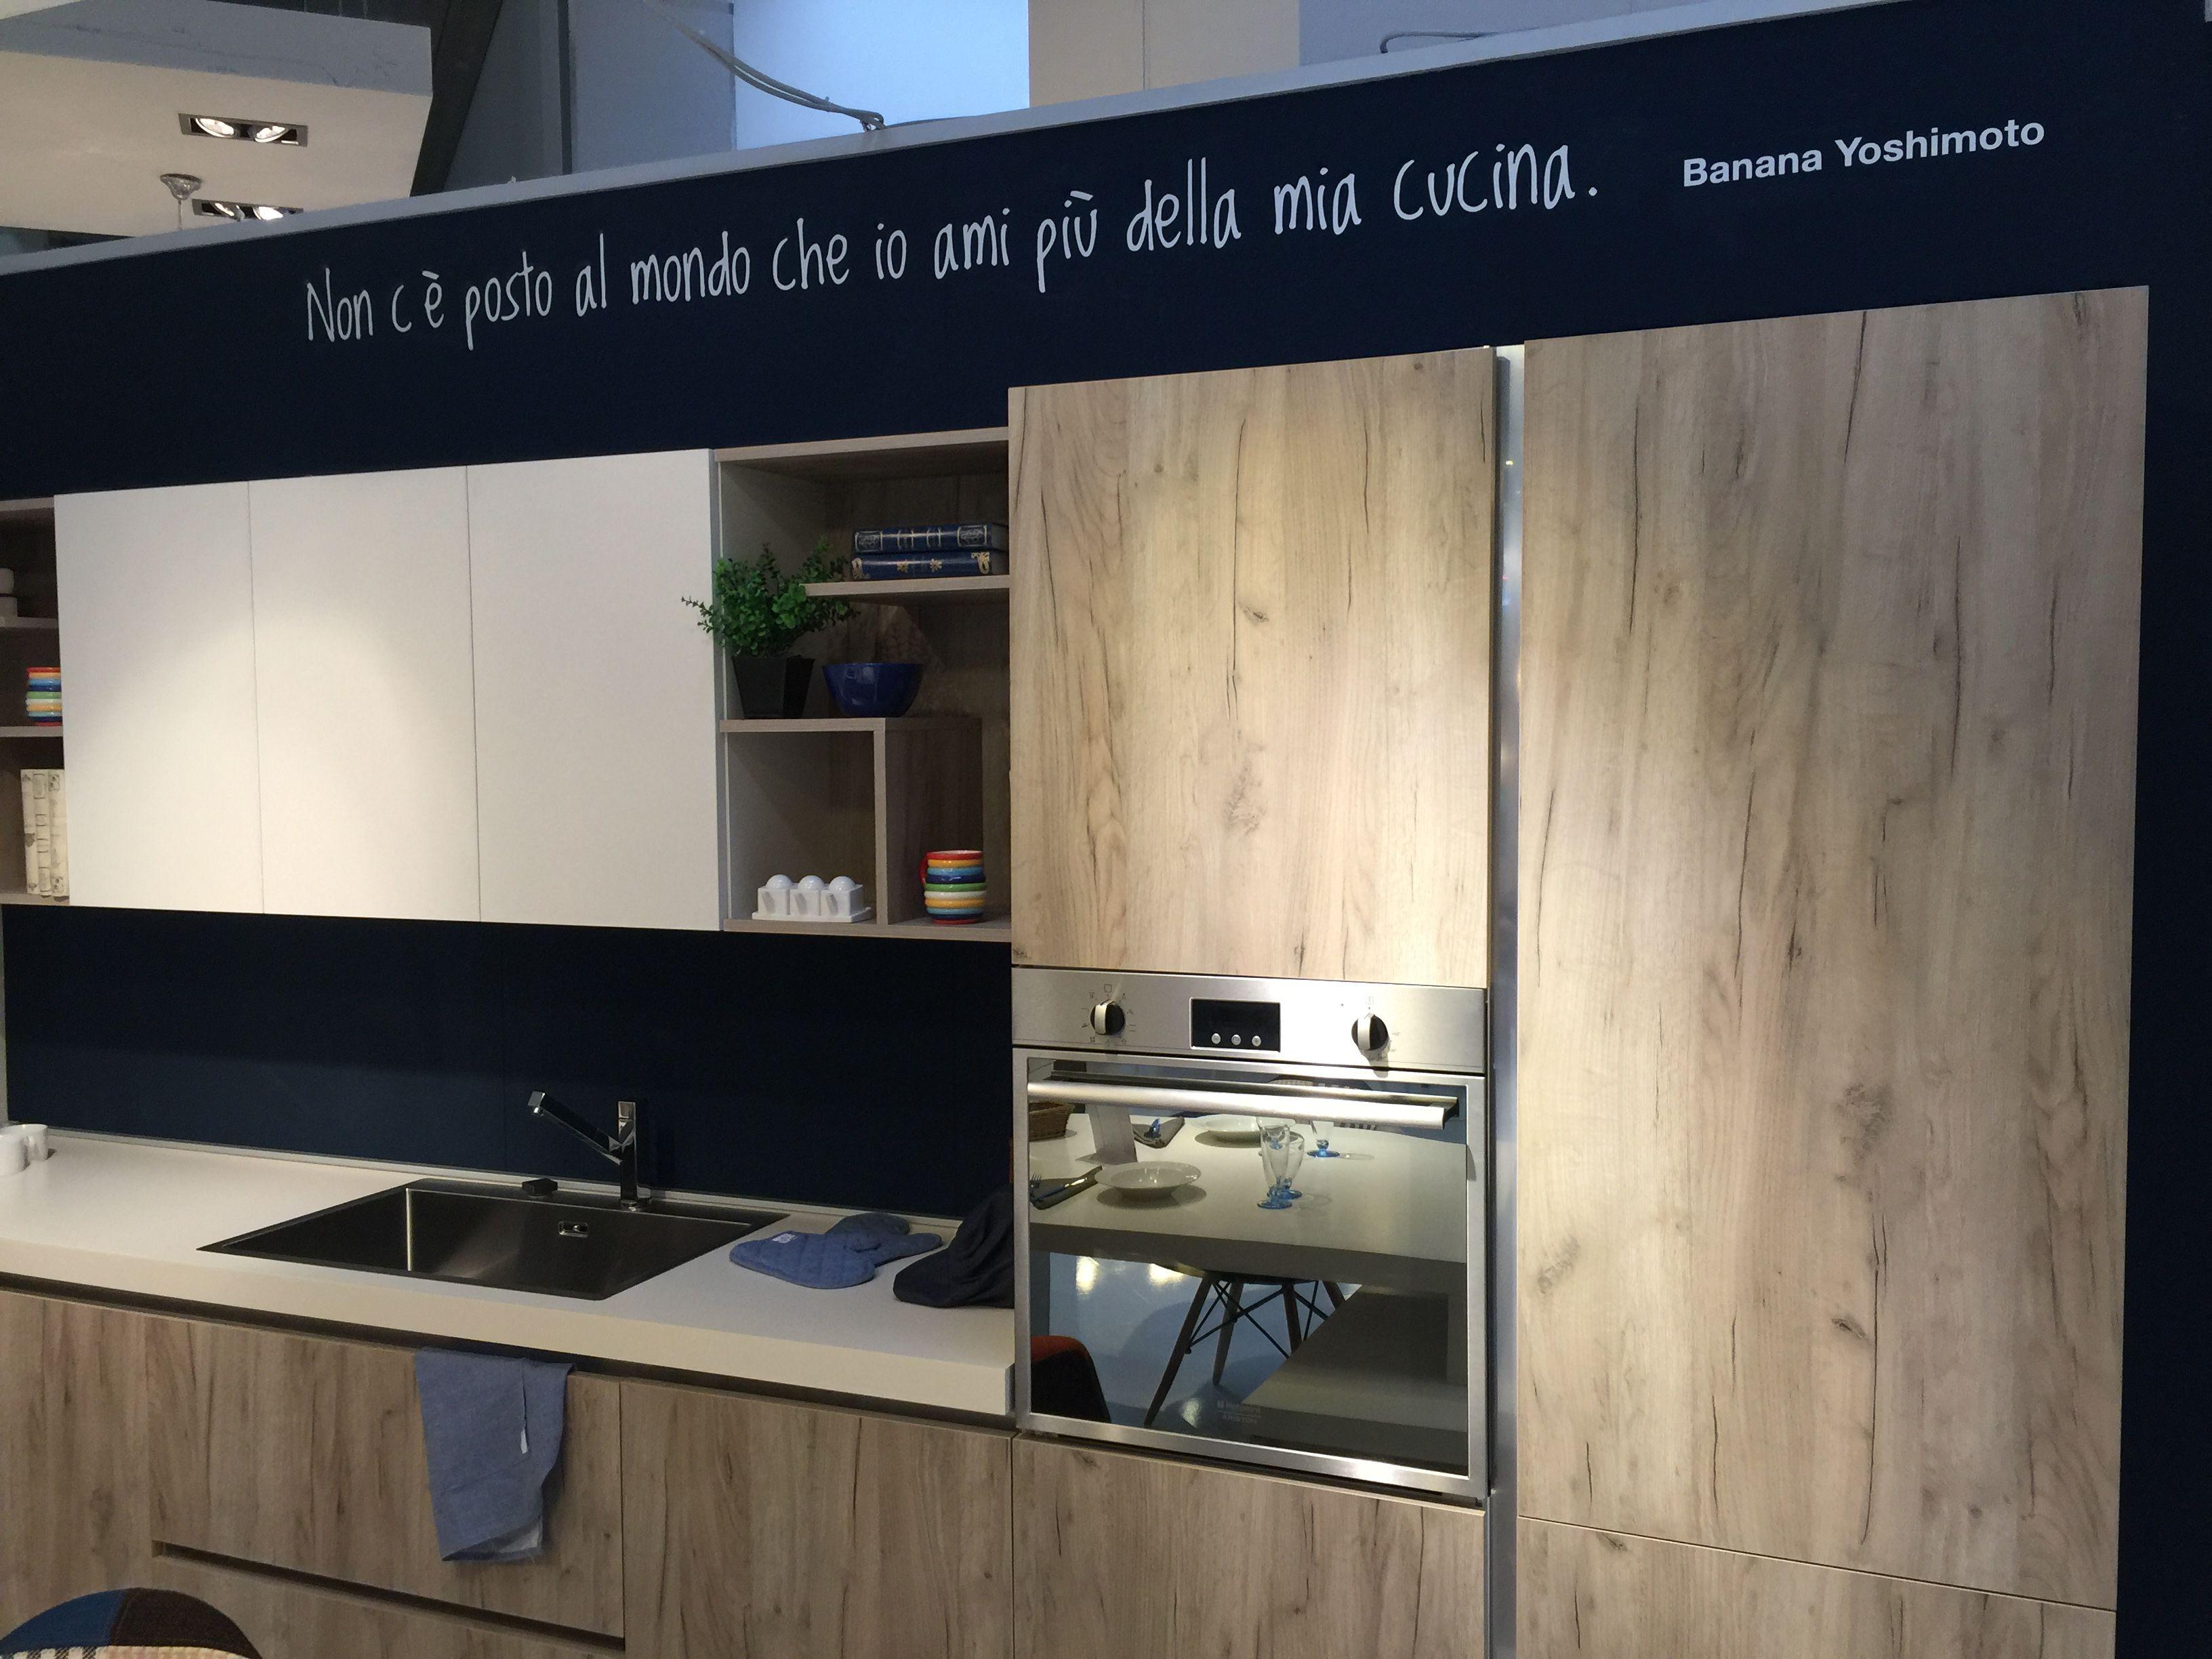 Chiarelli Center Arredamenti Bari Modugno Divani Cucine Camere Da Letto Camerette Salotti Poltrone Soggiorni Complement Arredamento Camerette Divani